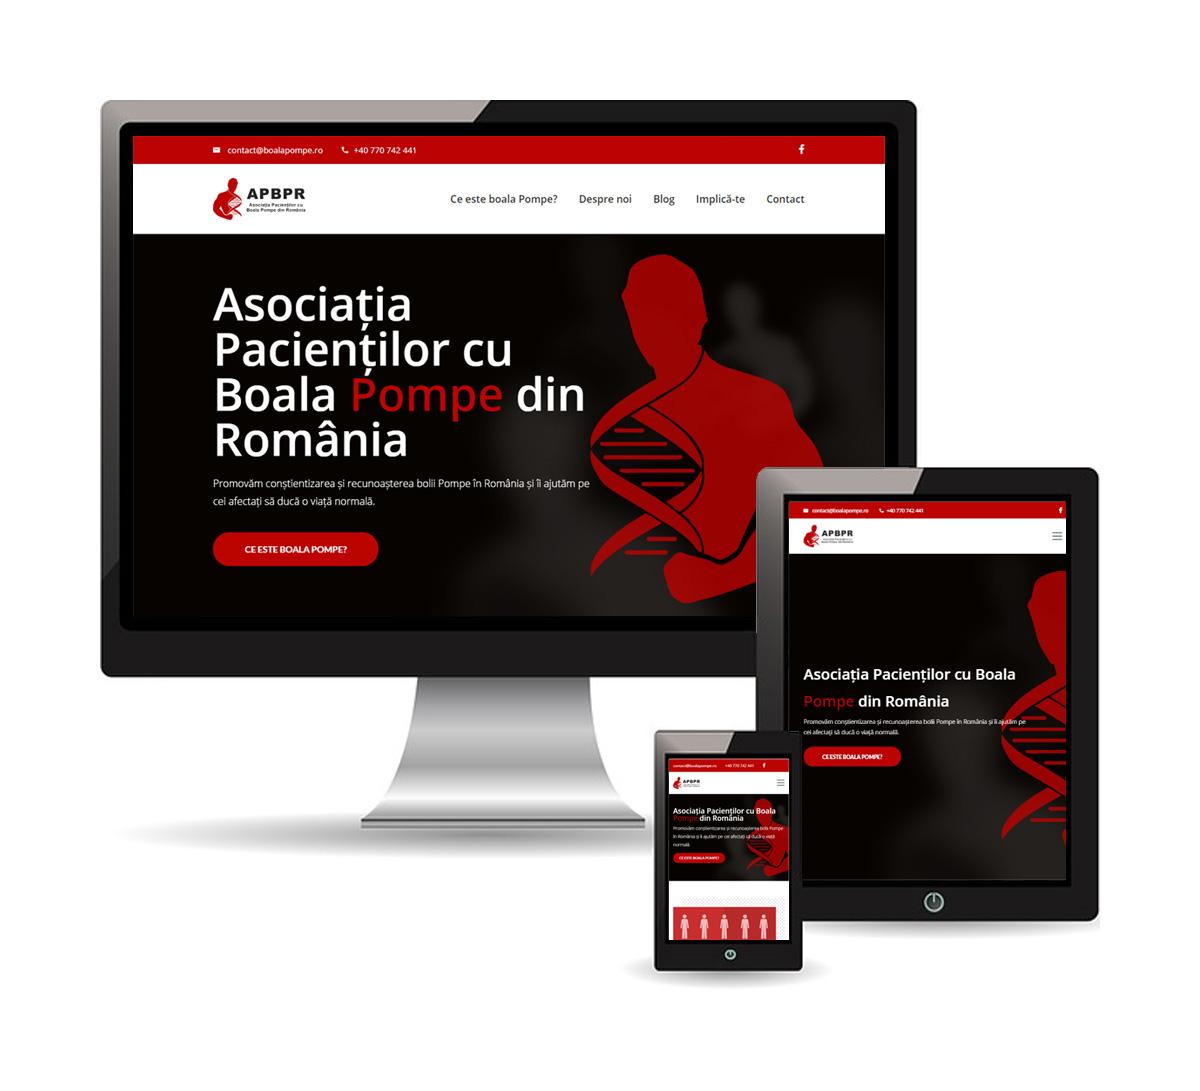 Asociația Pacienților cu Boala Pompe din România (APBPR)